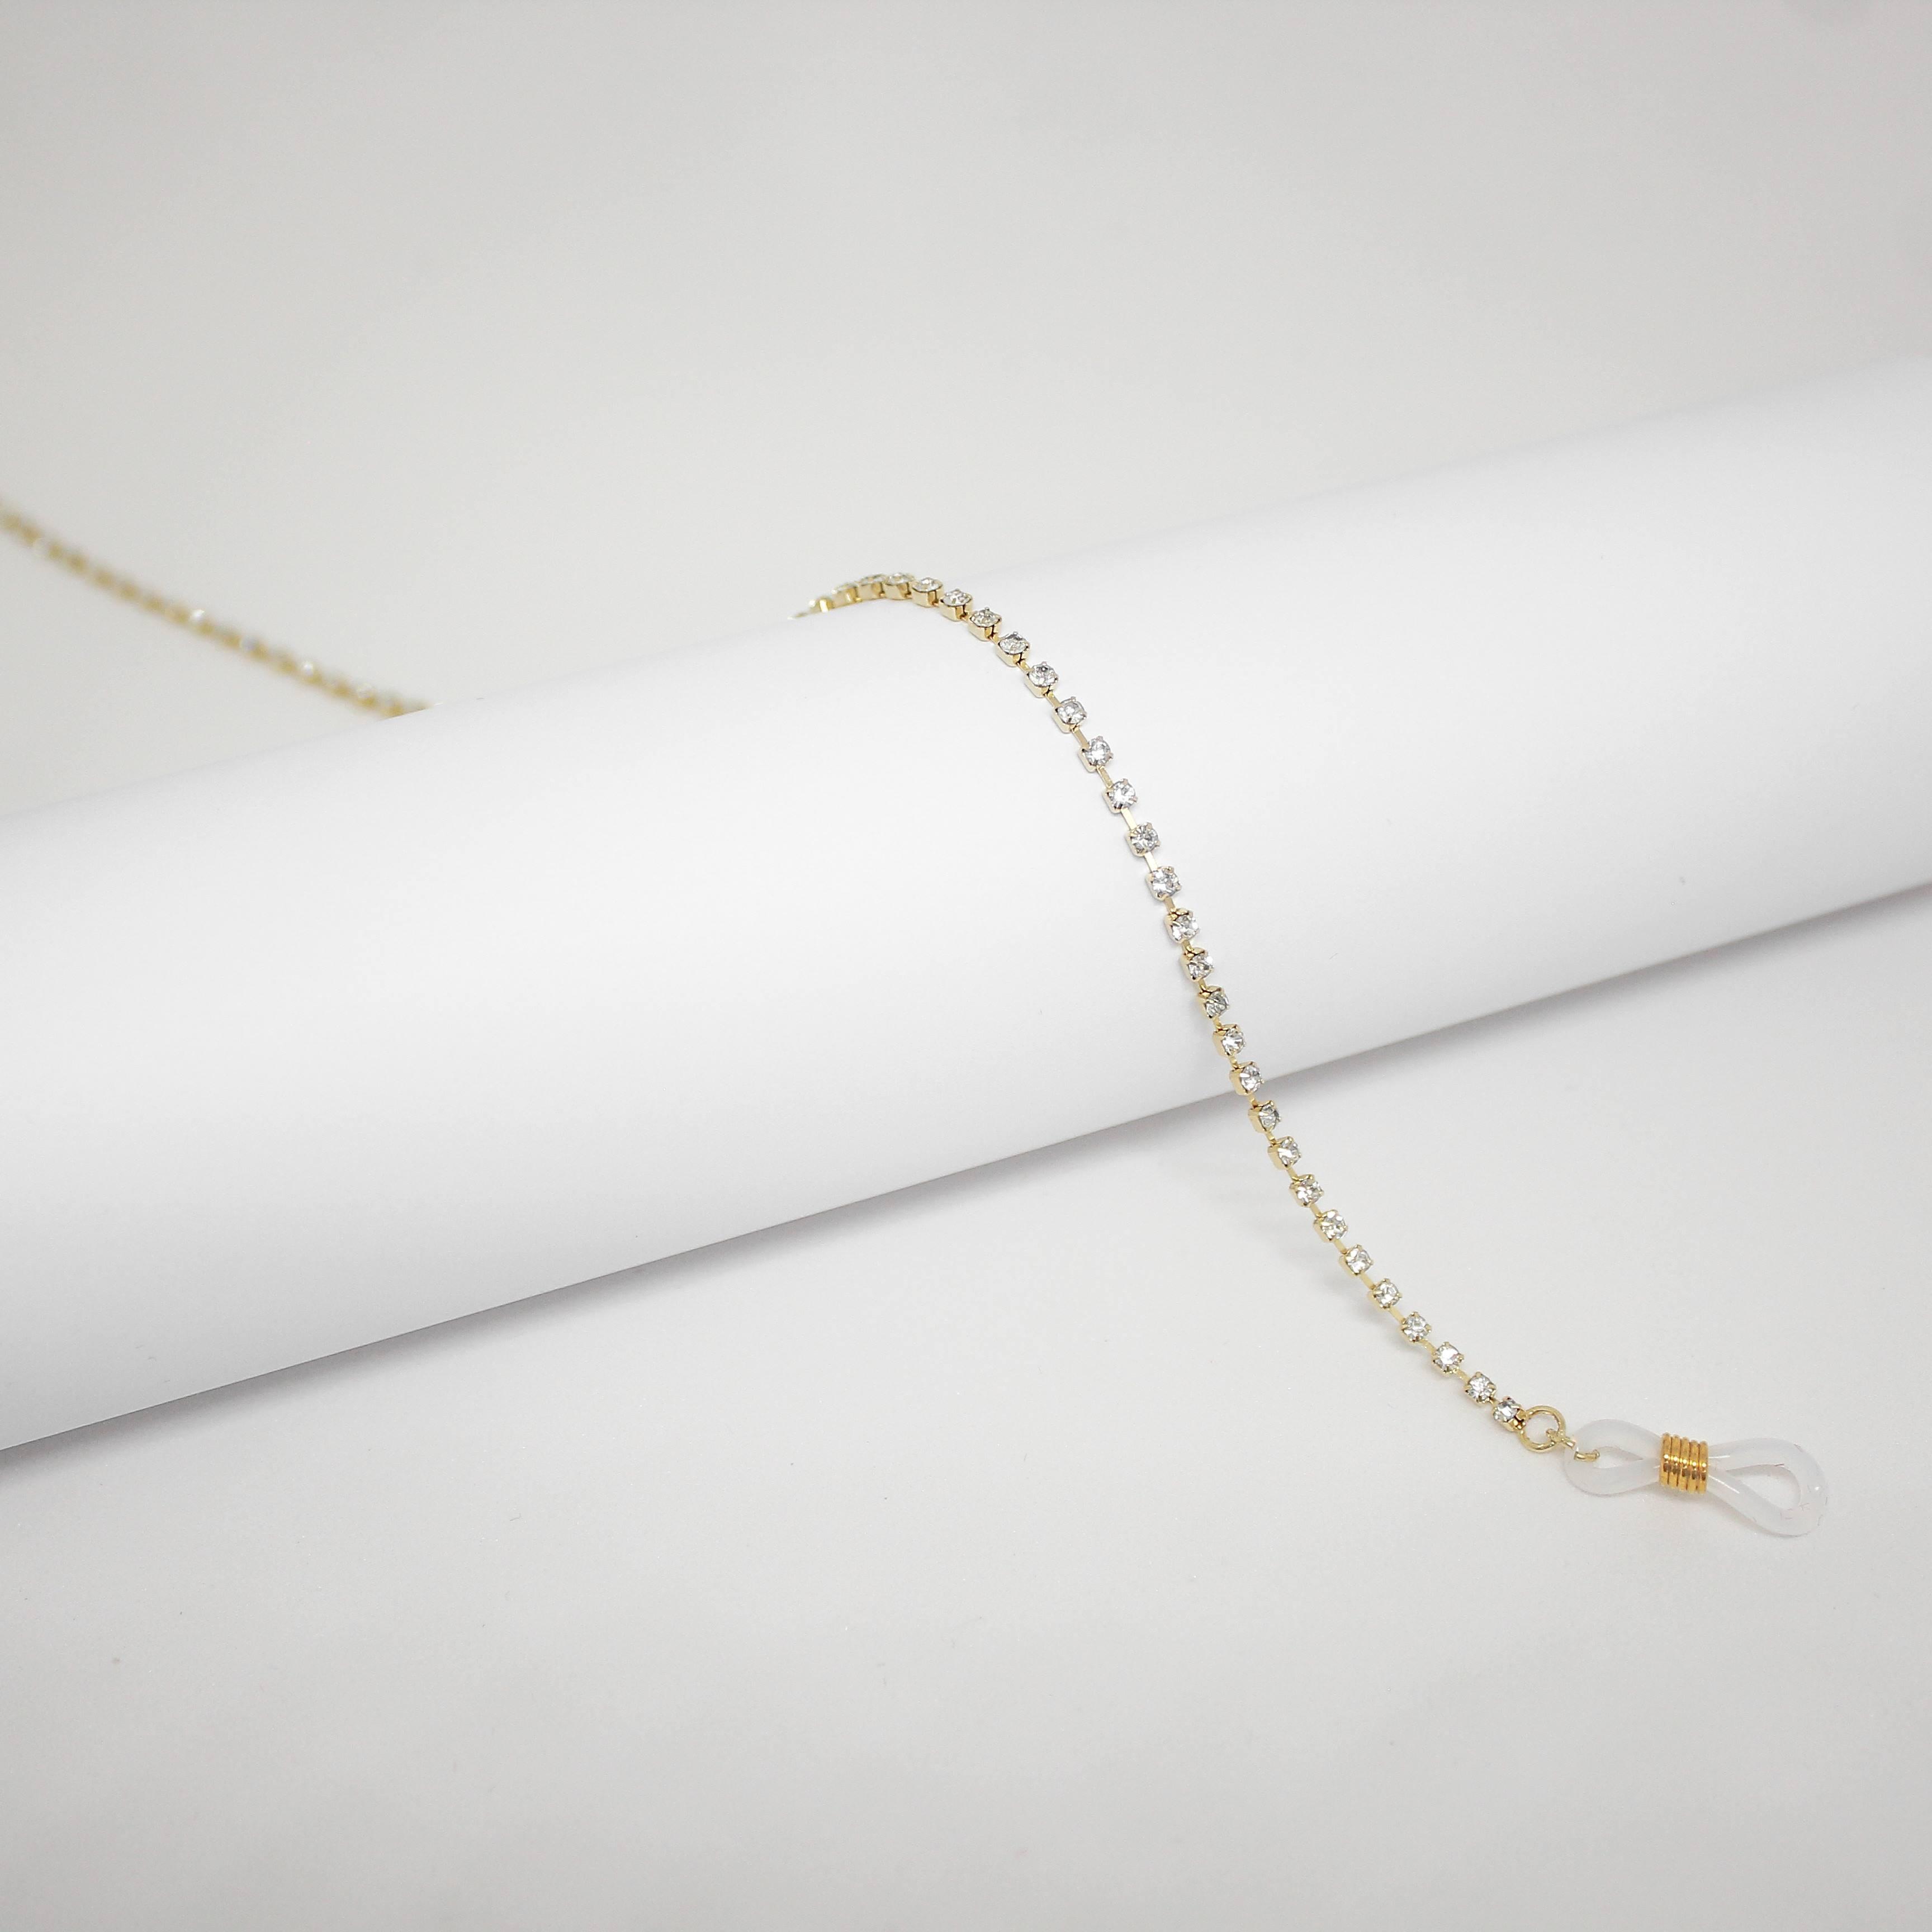 16176411 - Corrente Strass Ouro - Contém 3 Peças